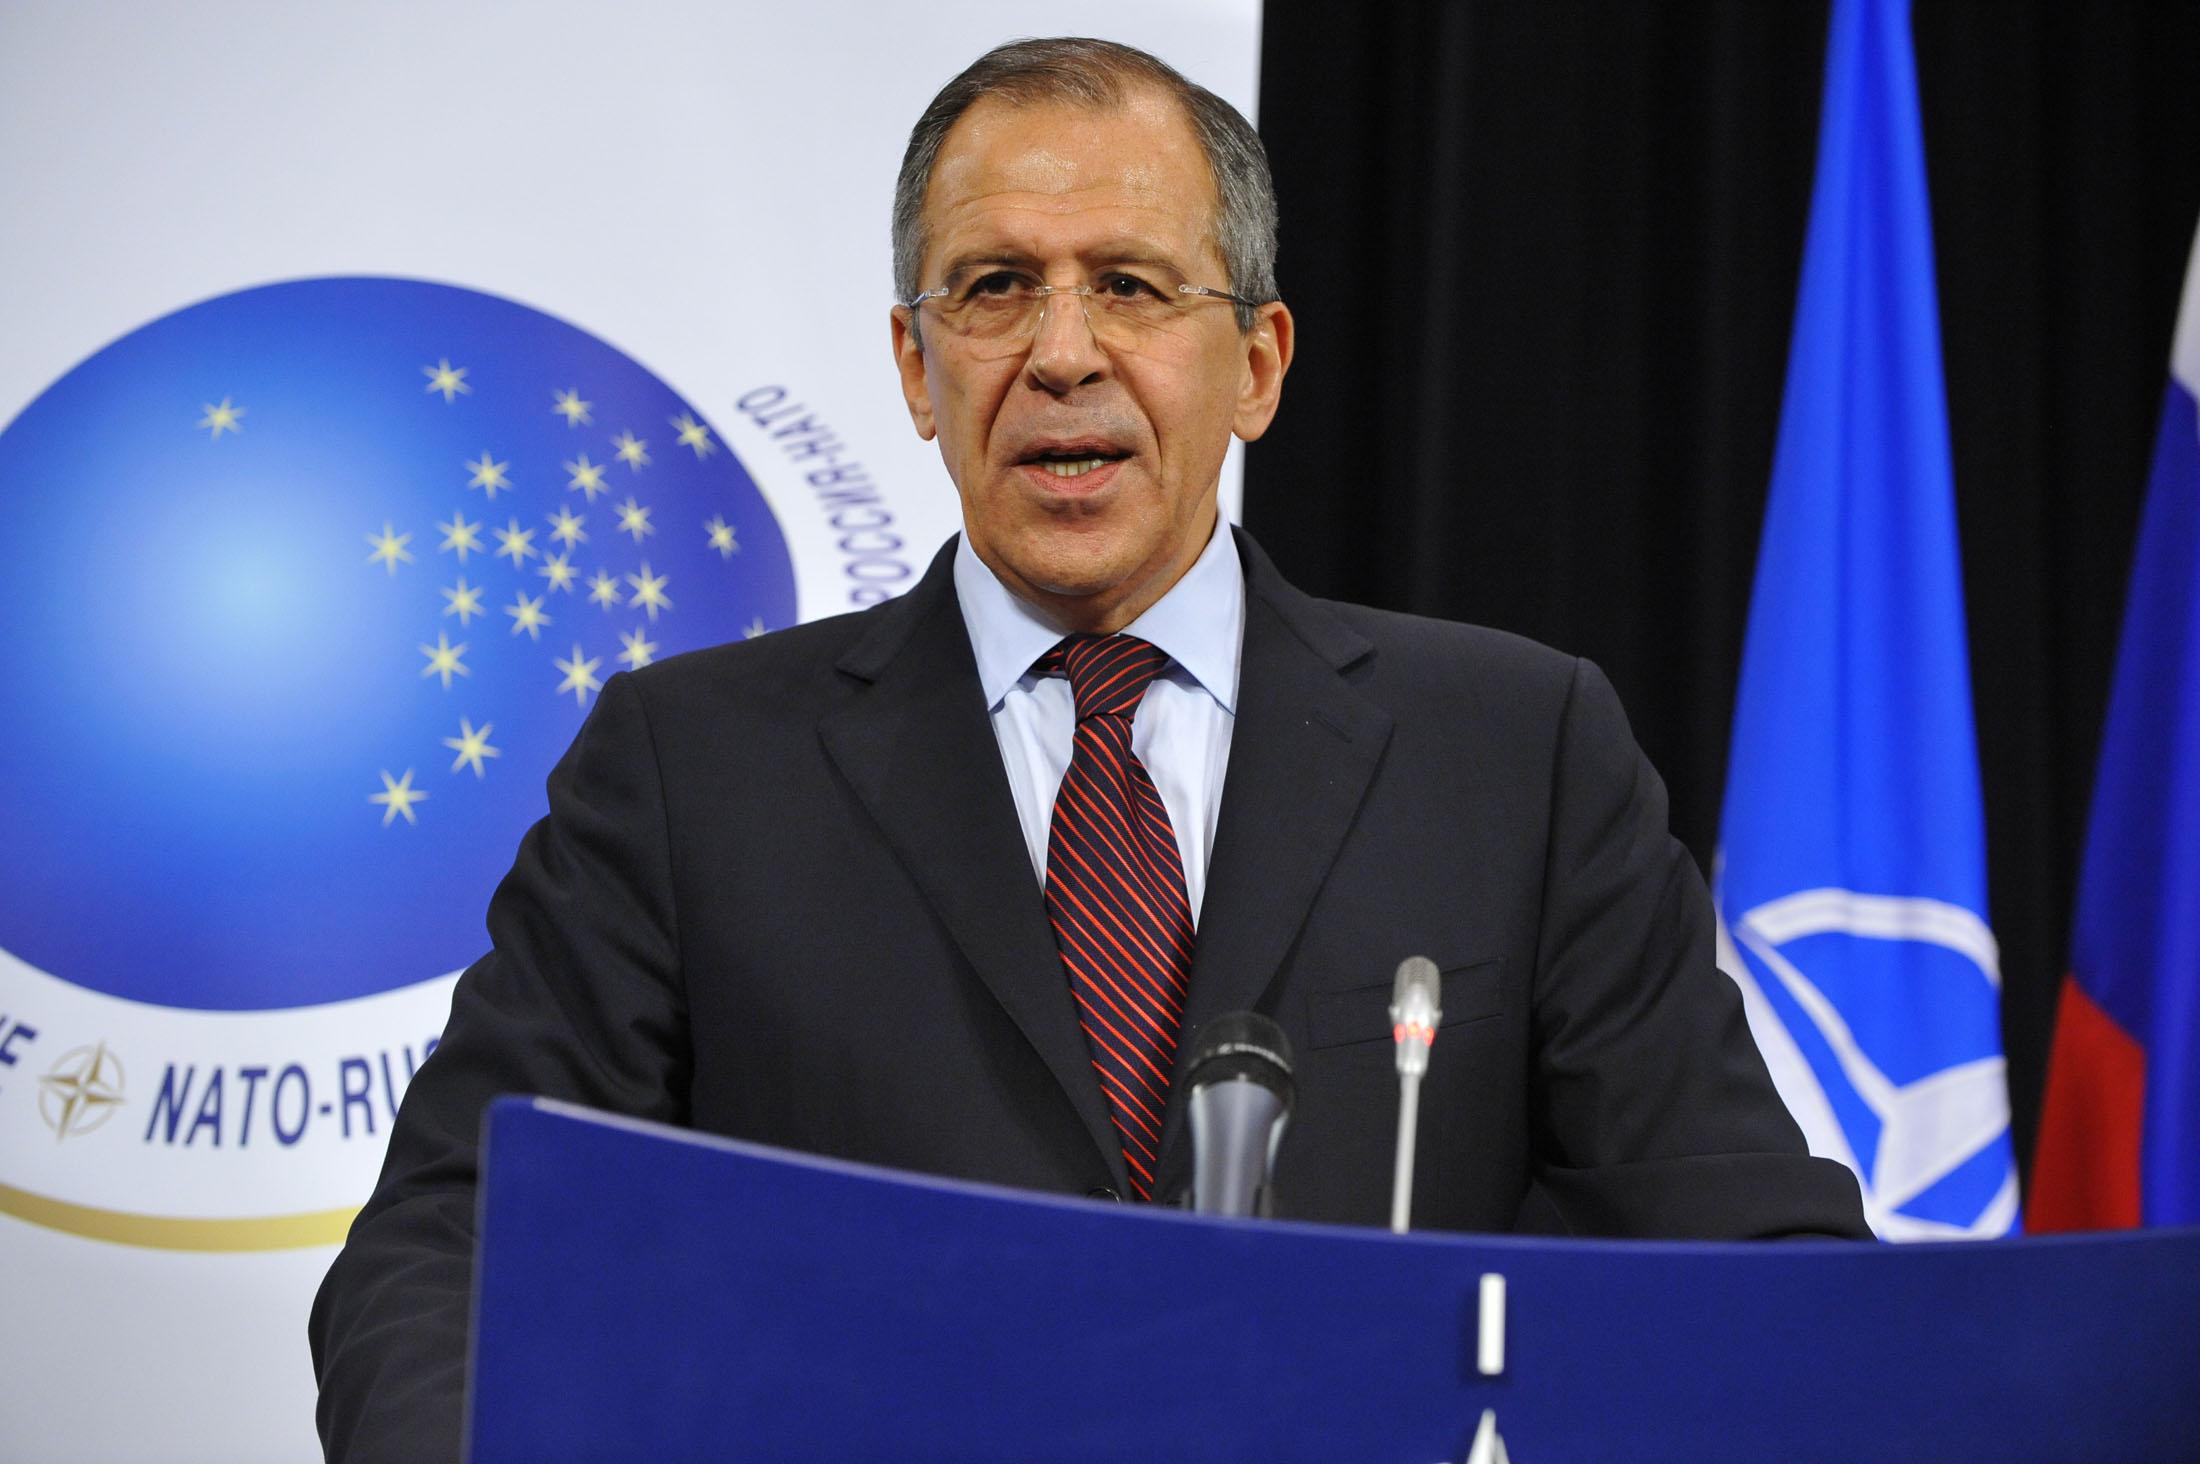 Rusya: NATO, ulusal güvenliğimizi tehdit etmeye devam ediyor